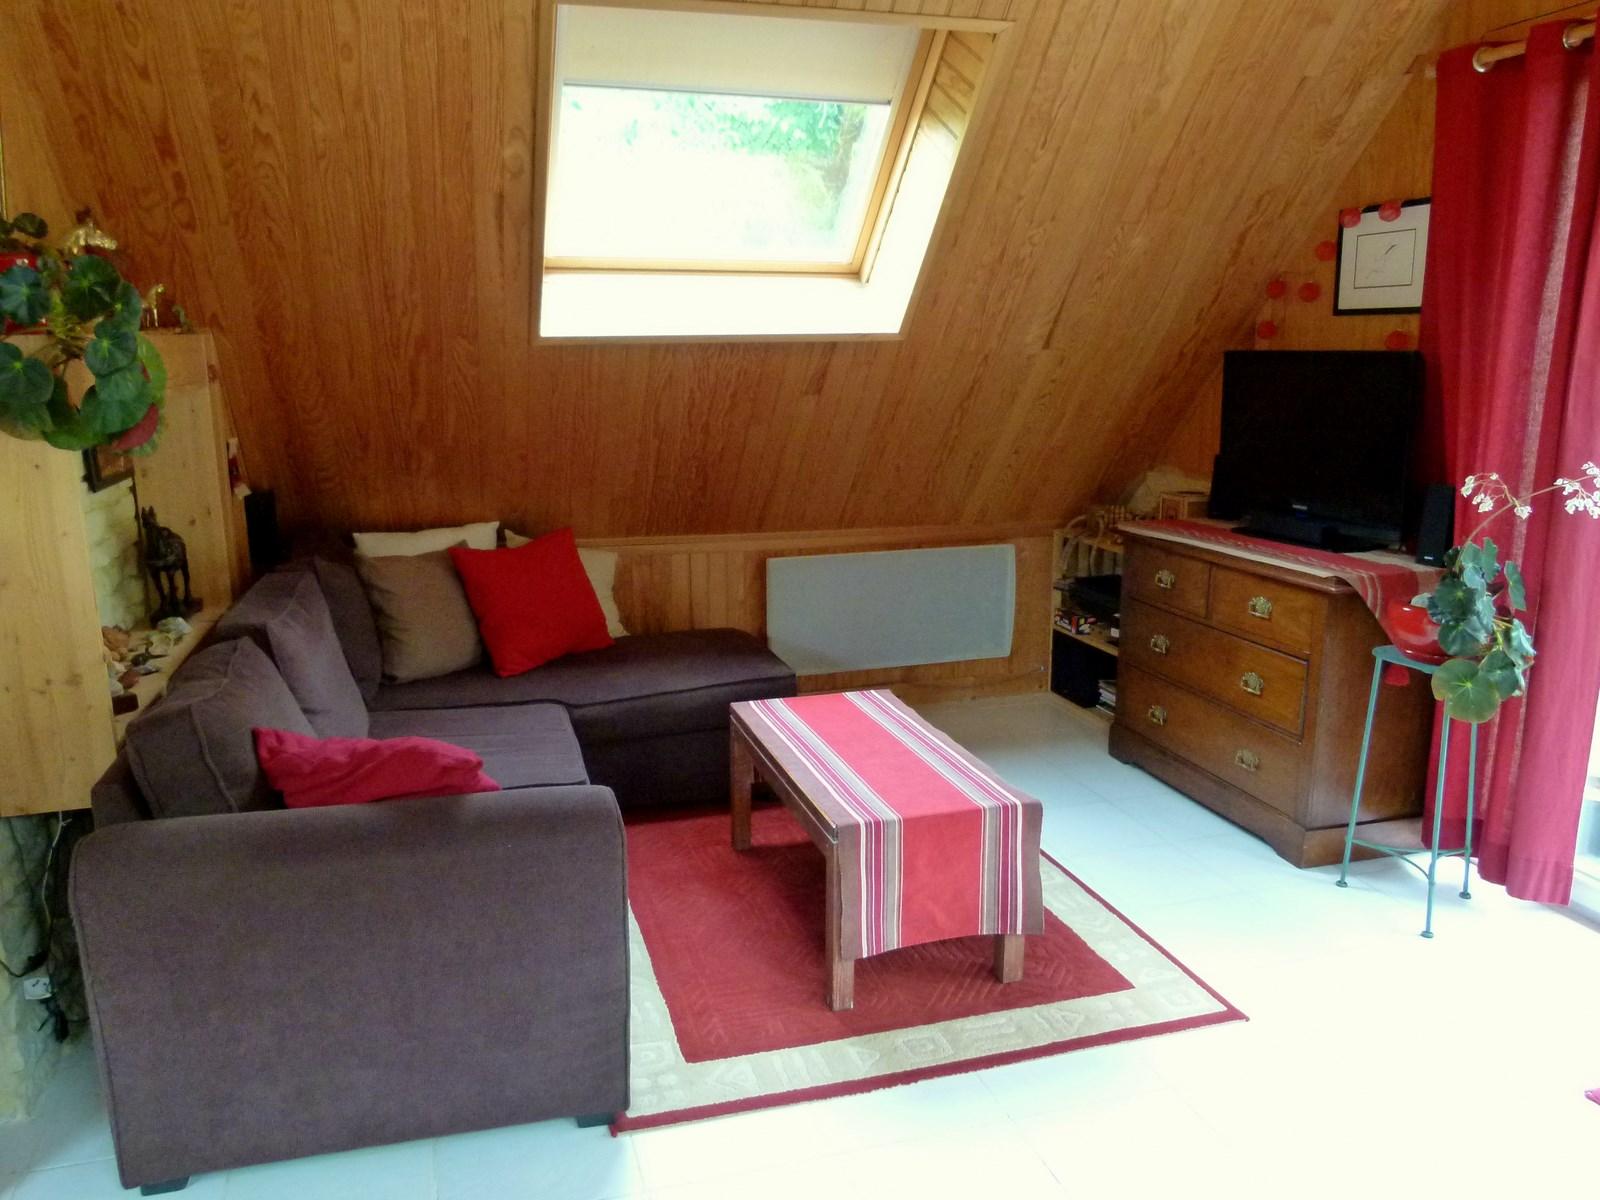 Ma proposition de couchsurfing en Dordogne (24120) 1505070524117723313244486